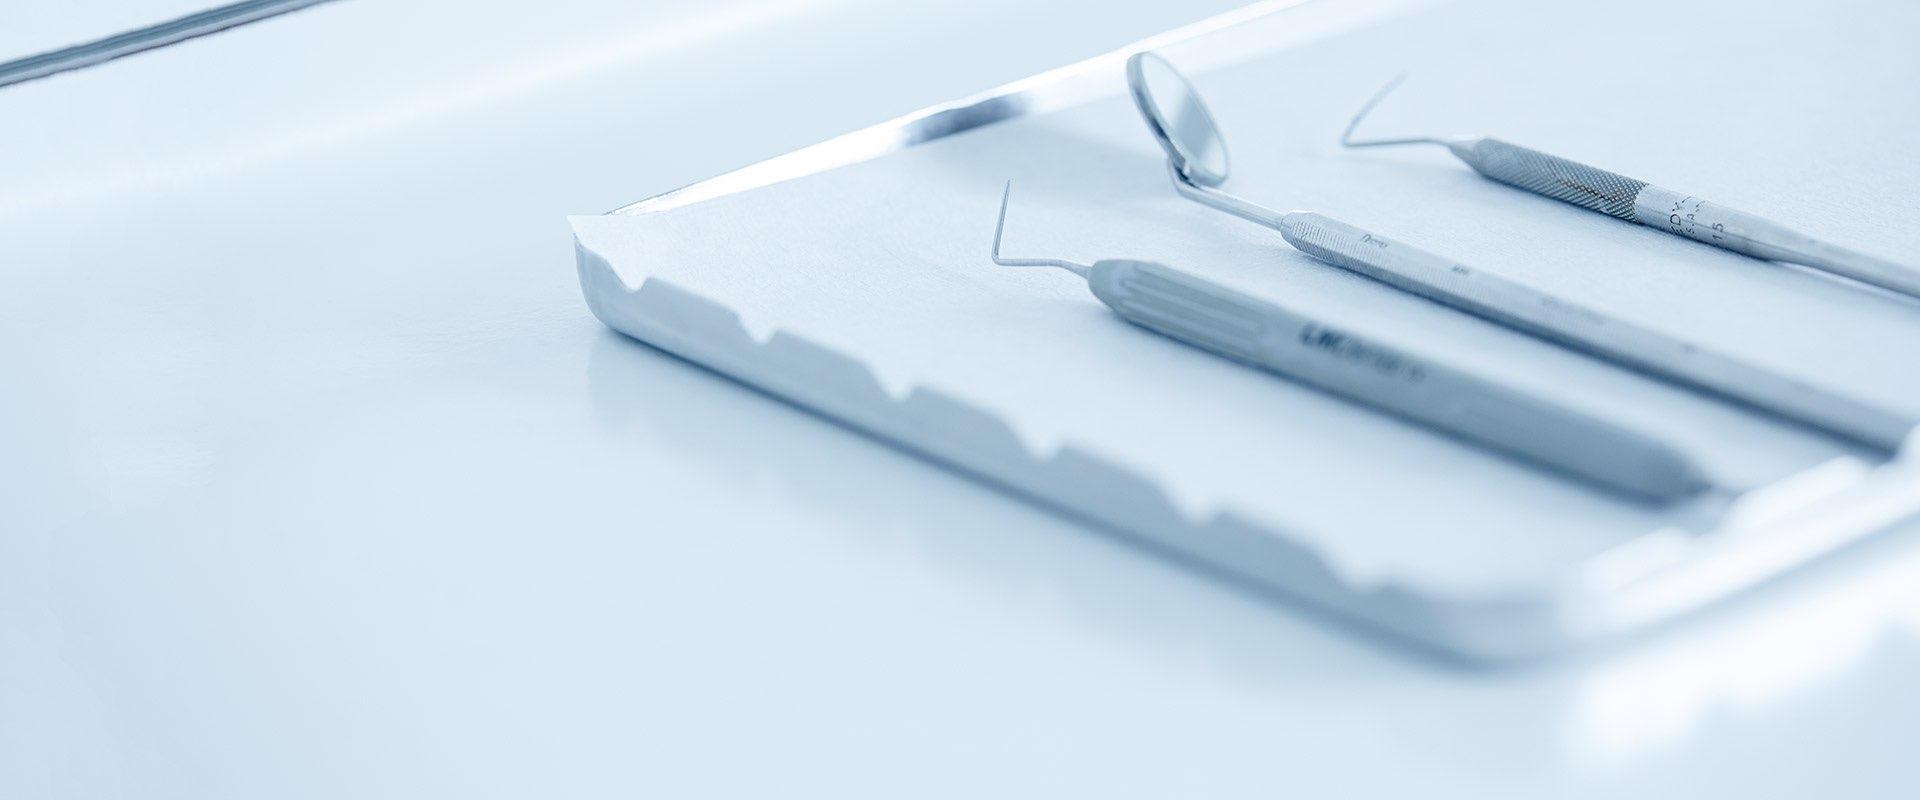 redskaber tandlæge